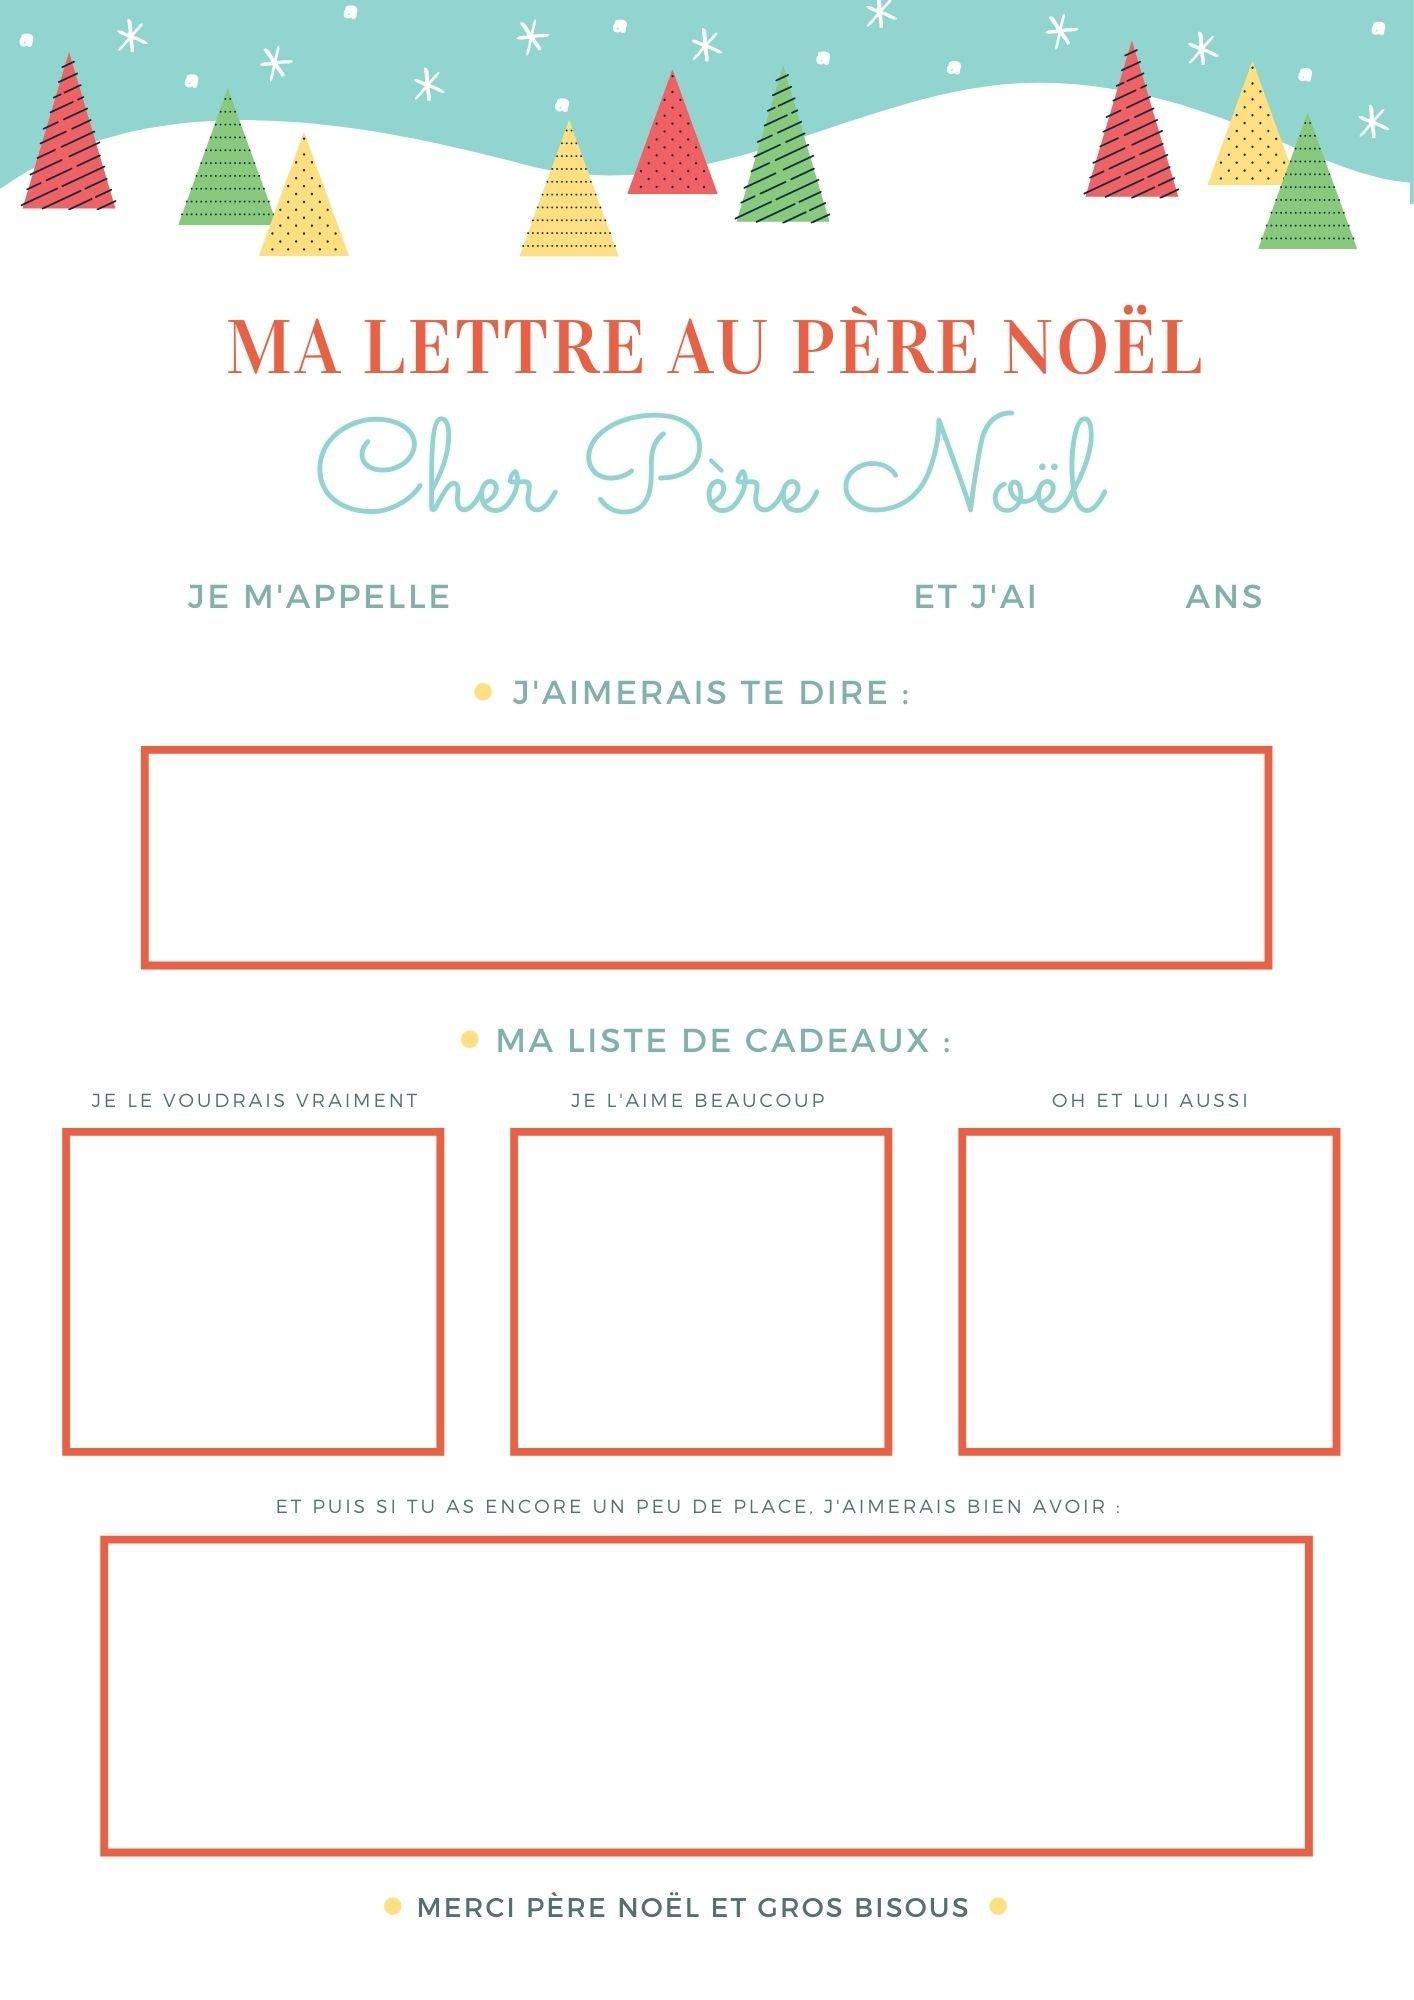 3 modèles de lettre au Père Noël